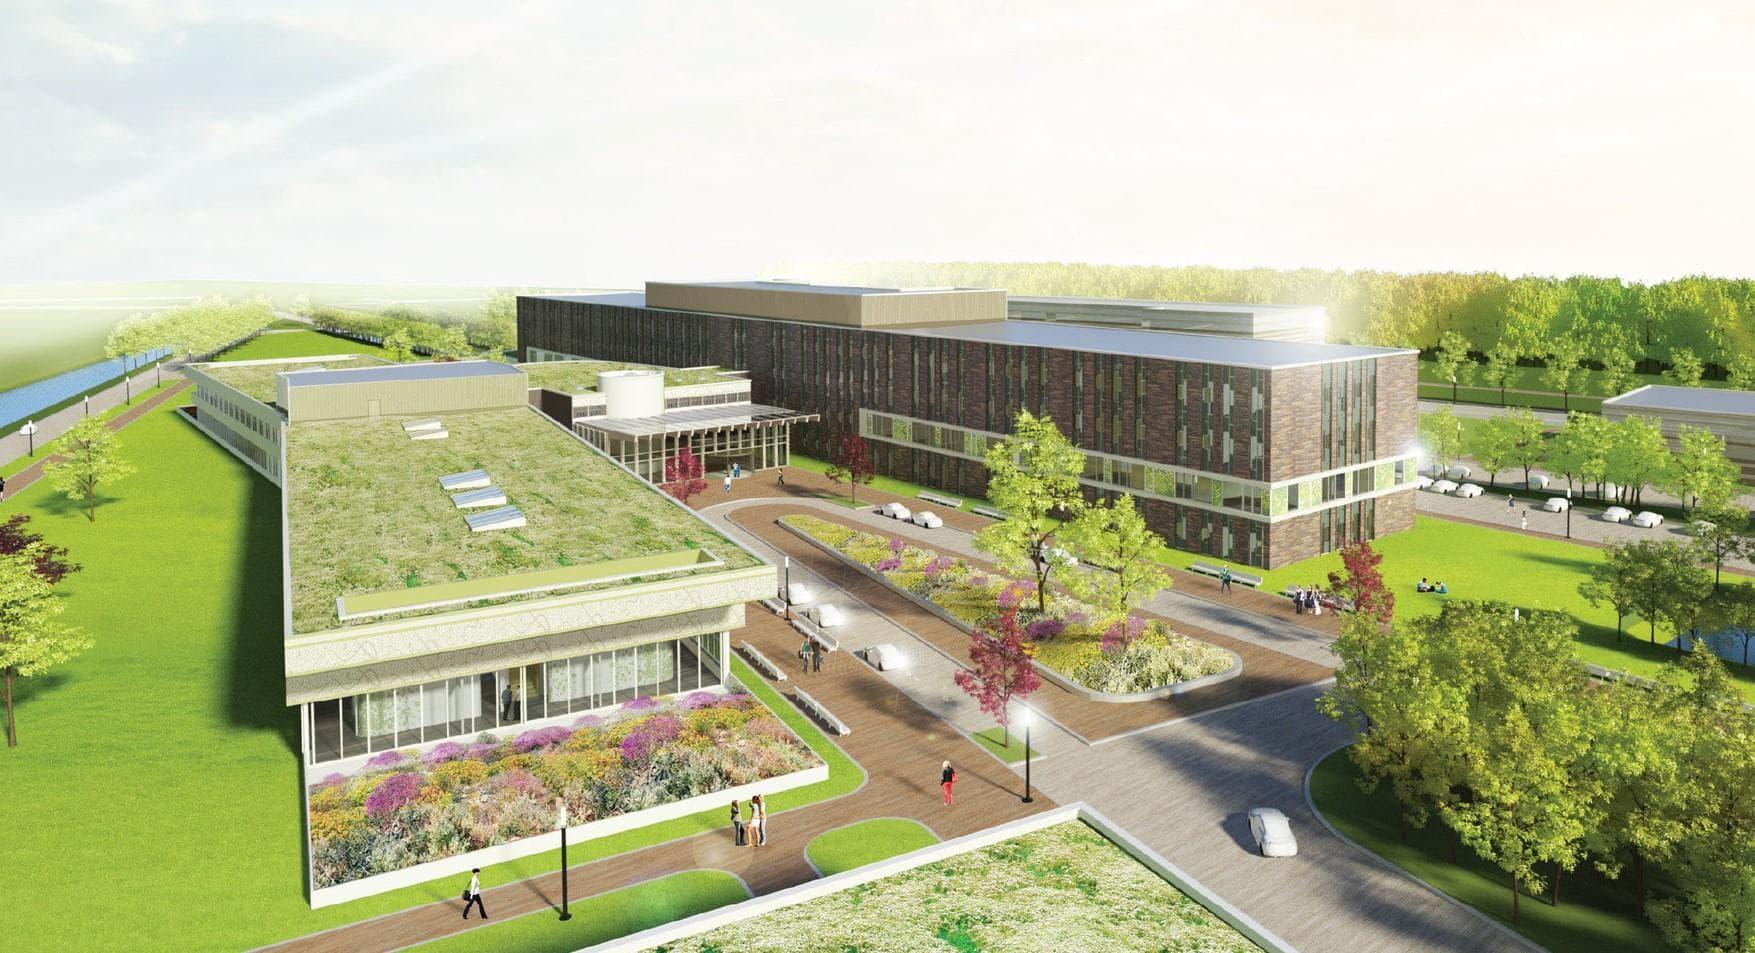 Impressie nieuwbouw OZG ziekenhuis Scheemda